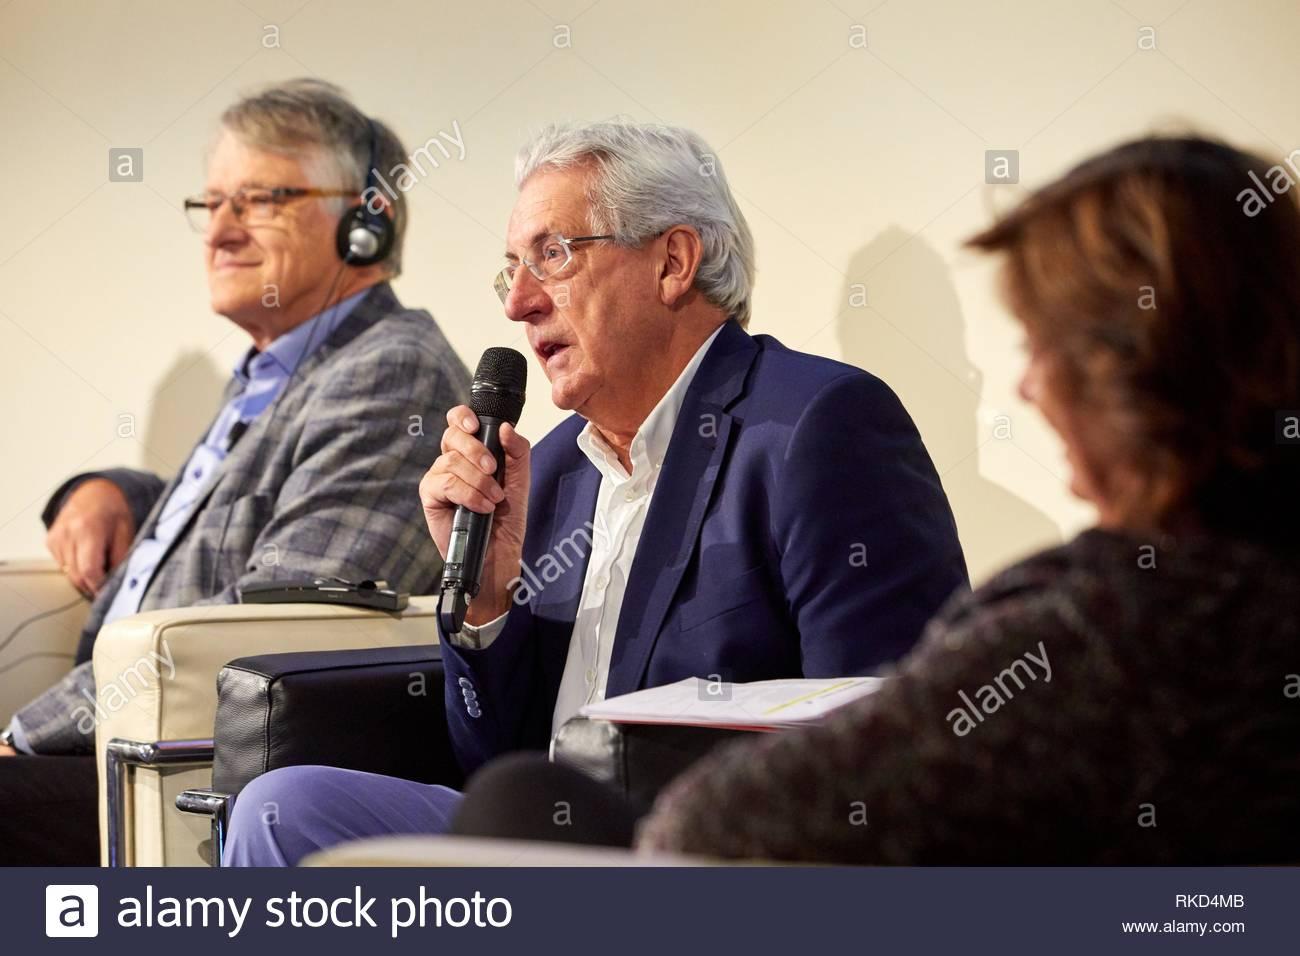 """Klaus von Klitzing (Nobelpreis für Physik im Jahr 1985), Mar'a Vallet-Reg"""" (König Jaime I Preis für Grundlagenforschung in 2018) und Pedro Miguel Echenique Stockbild"""